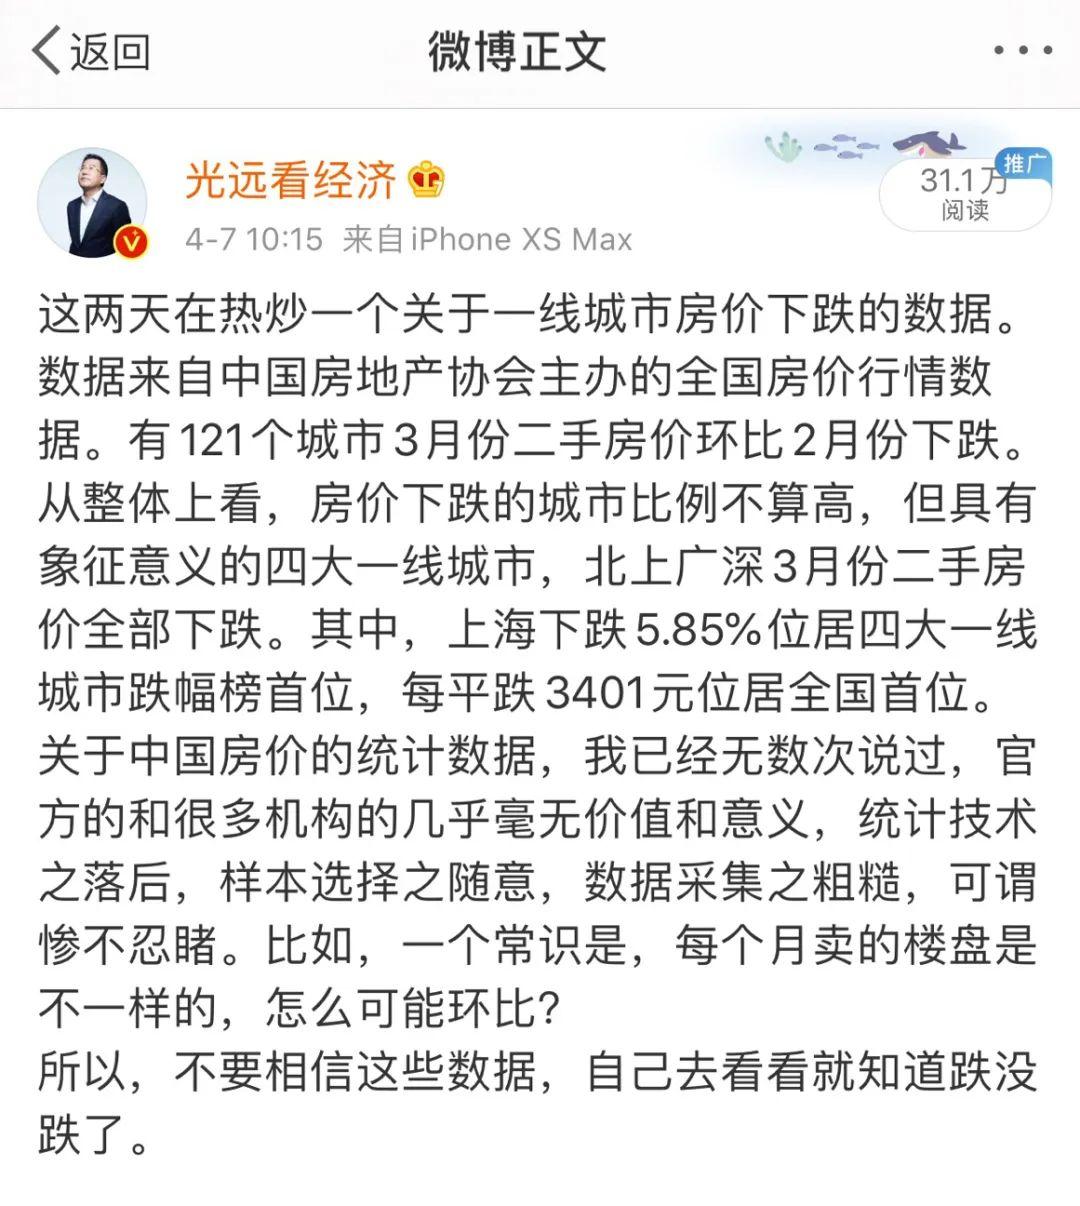 """马光远:深圳房价究竟是""""暴涨""""了还是""""跌了""""?"""